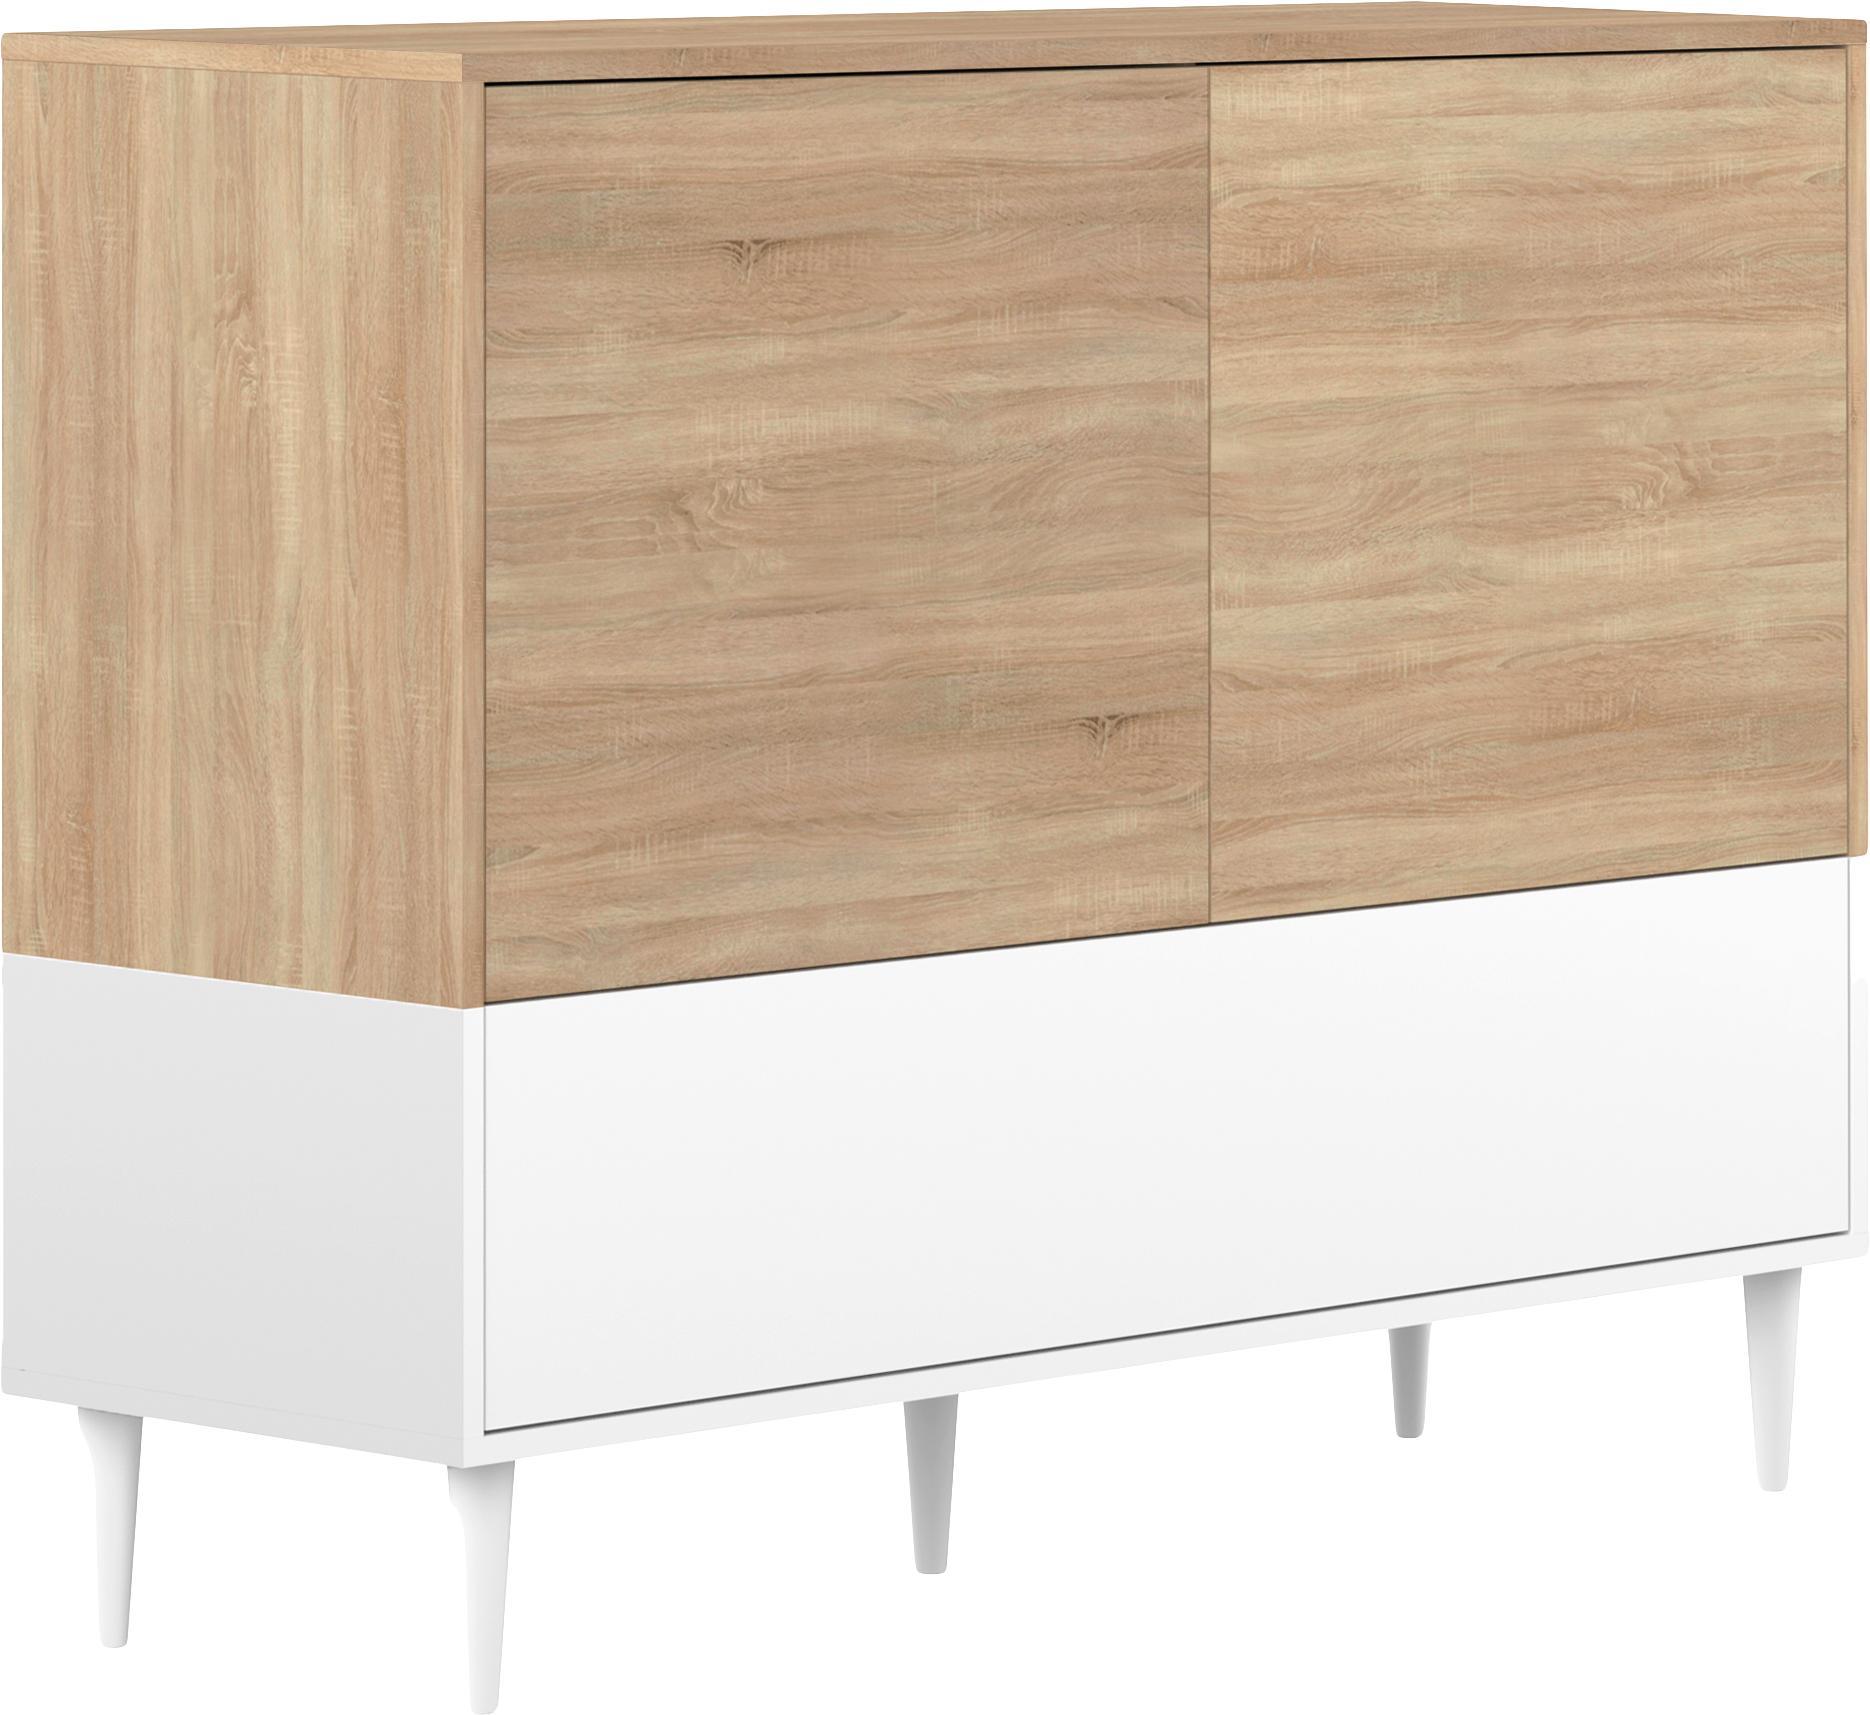 Komoda scandi Horizon, Korpus: płyta wiórowa pokryta mel, Nogi: lite drewno bukowe, lakie, Drewno dębowe, biały, S 120 x W 95 cm